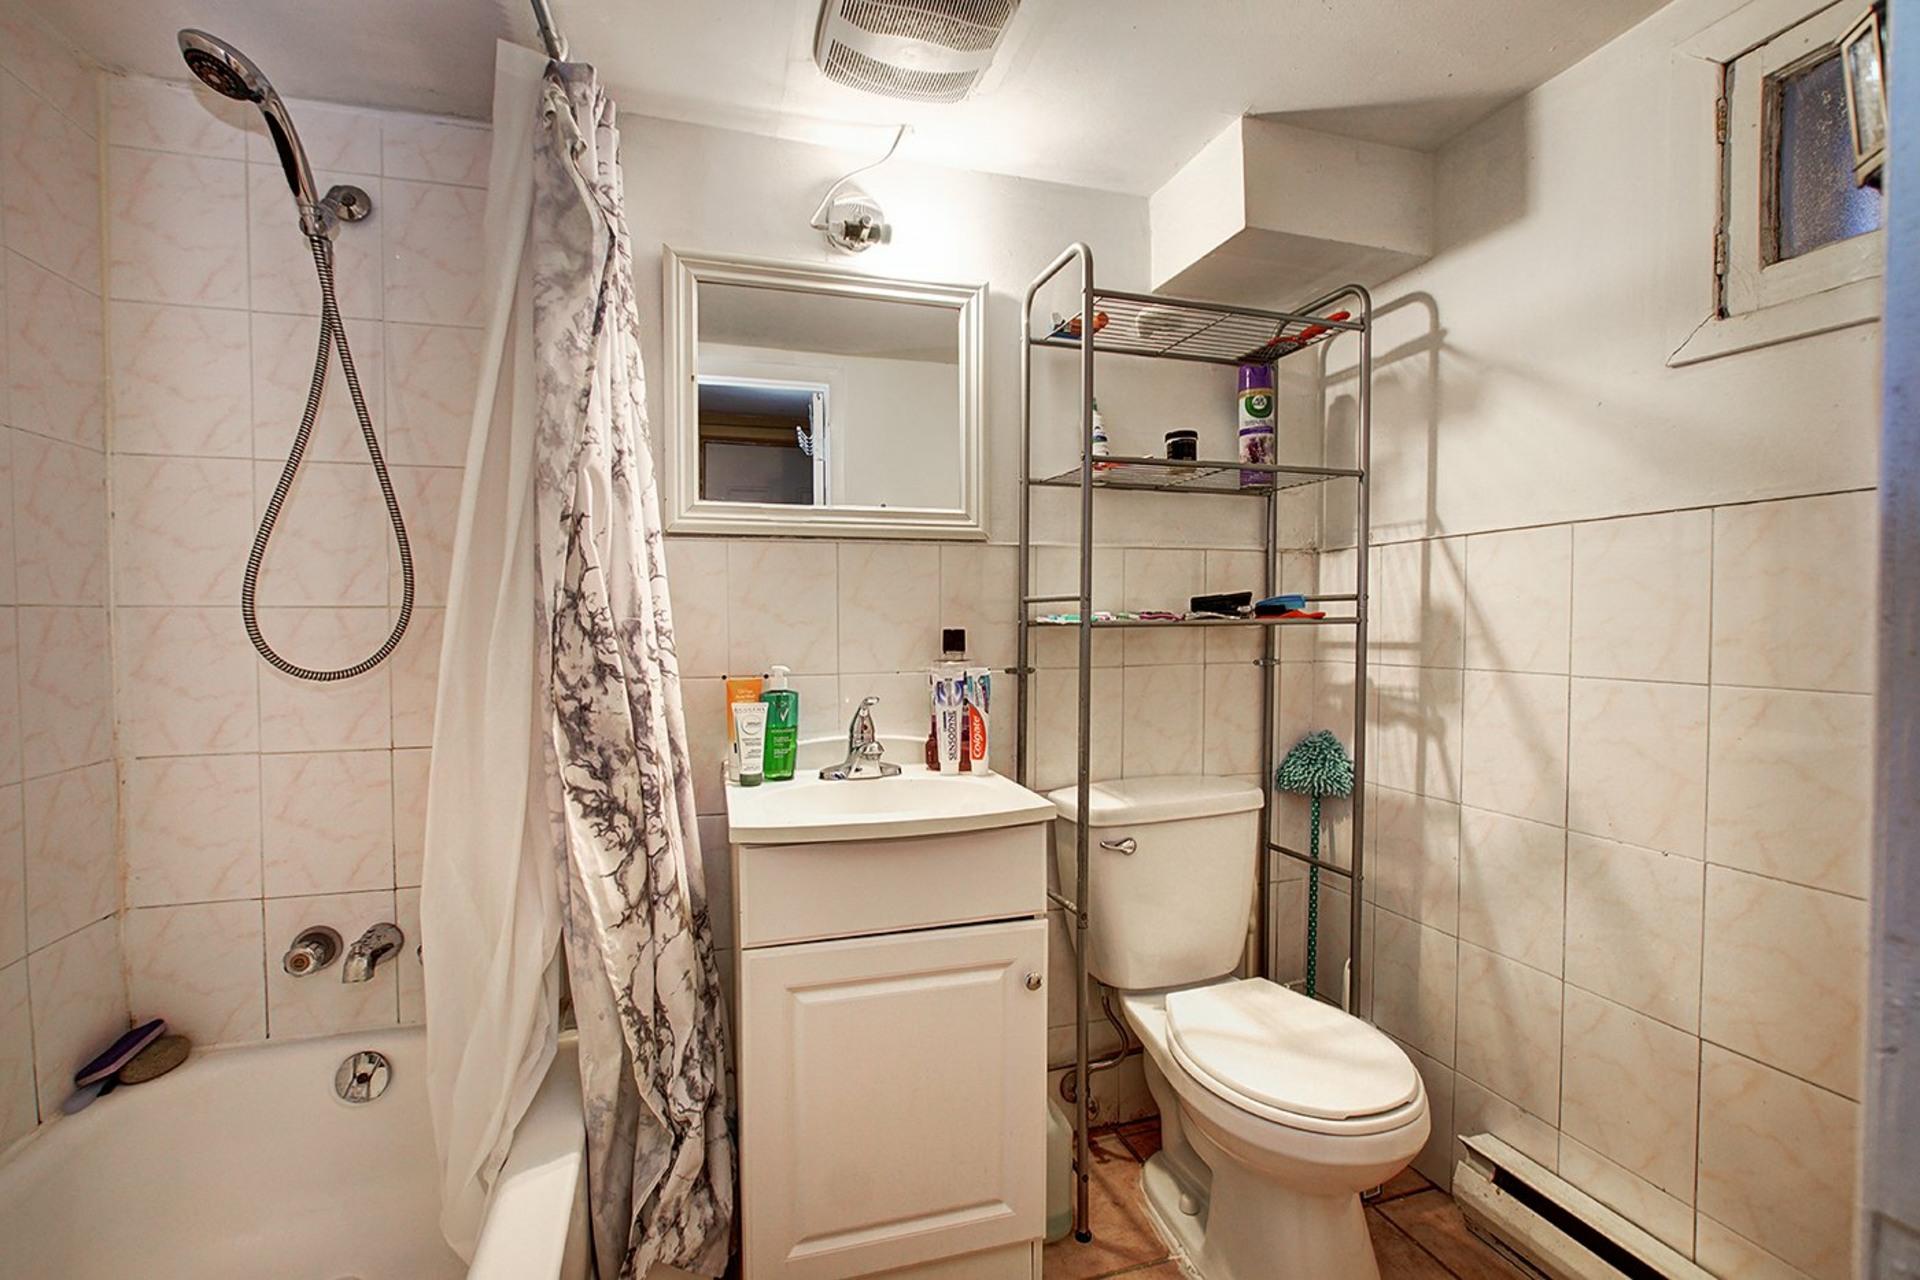 image 30 - Duplex For sale Rivière-des-Prairies/Pointe-aux-Trembles Montréal  - 4 rooms